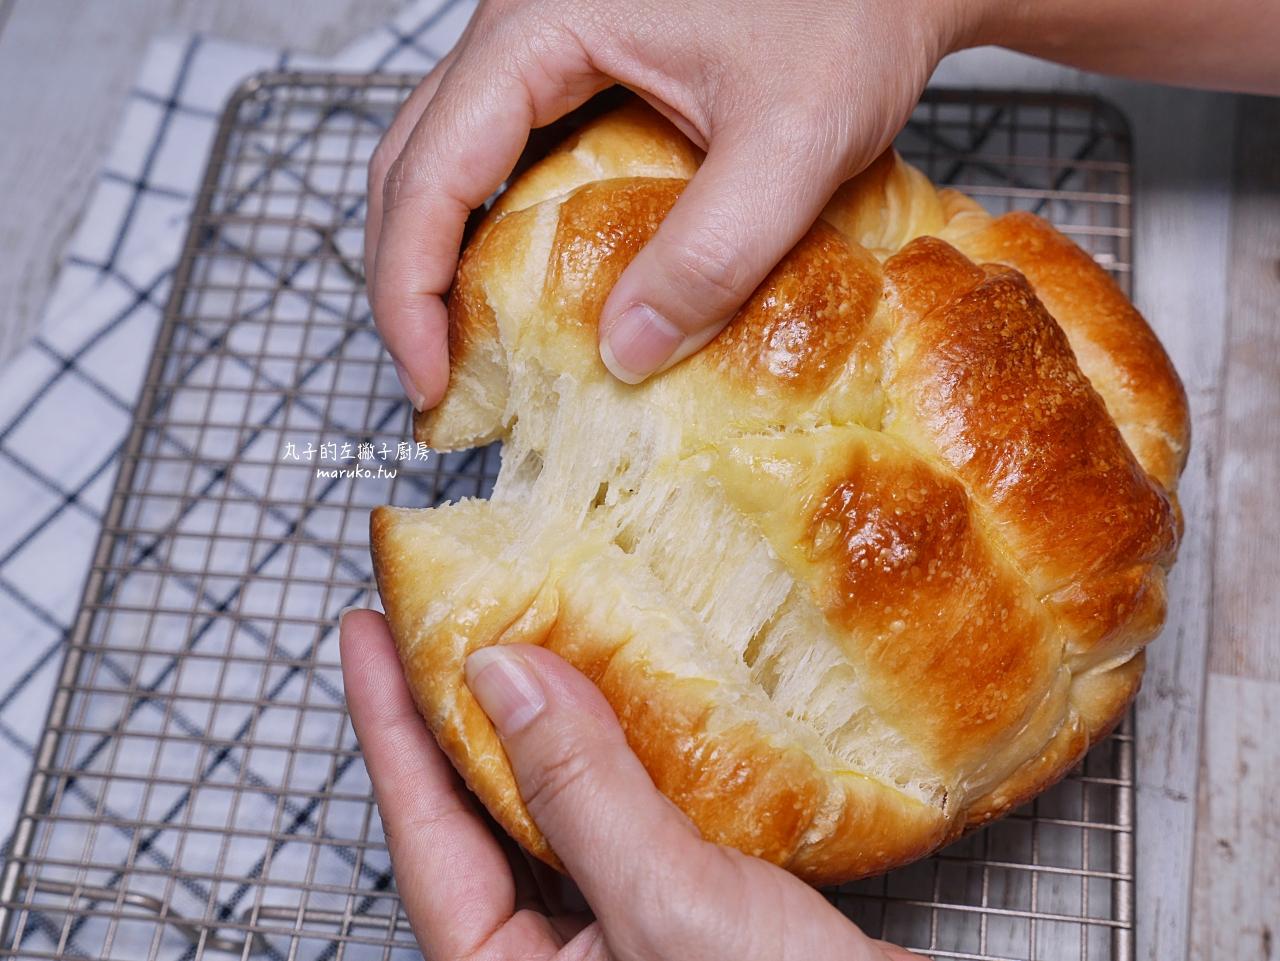 【食譜】熱狗麵包|免揉橄欖狀熱狗麵包鬆軟口感做法 @Maruko與美食有個約會